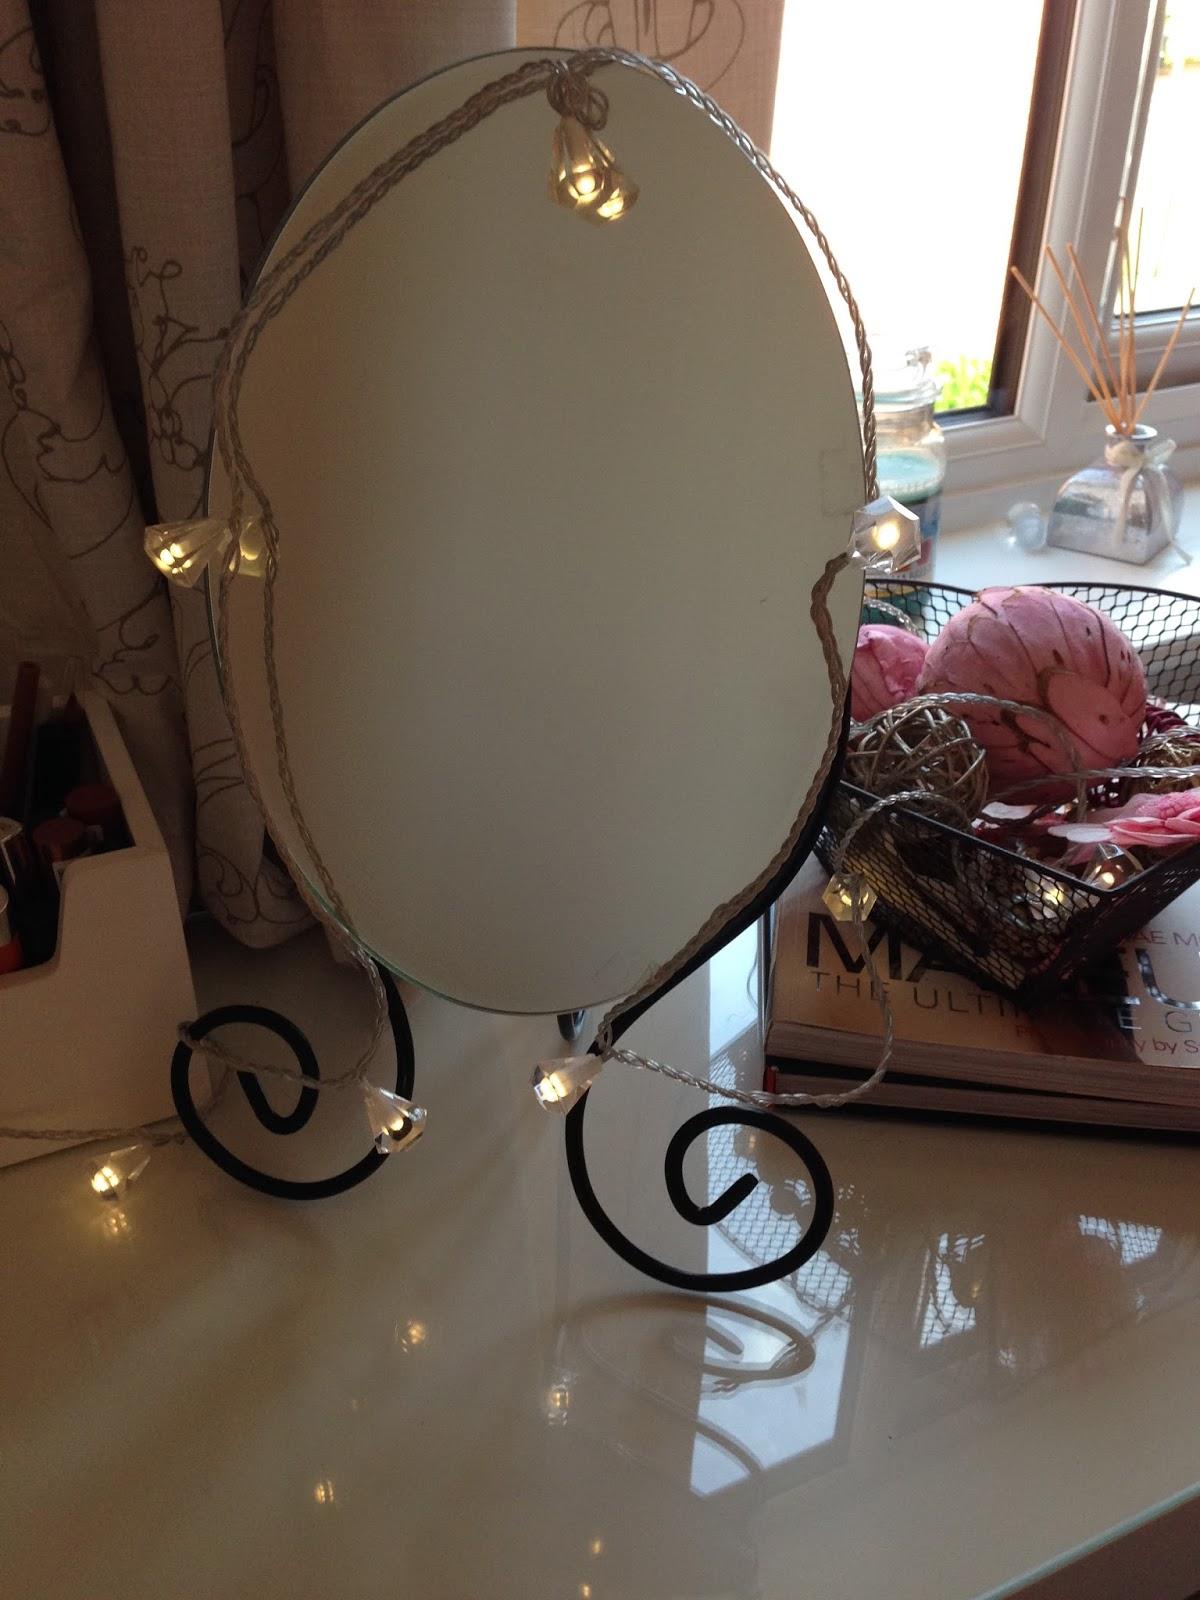 IKEA MYKEN Table Mirror